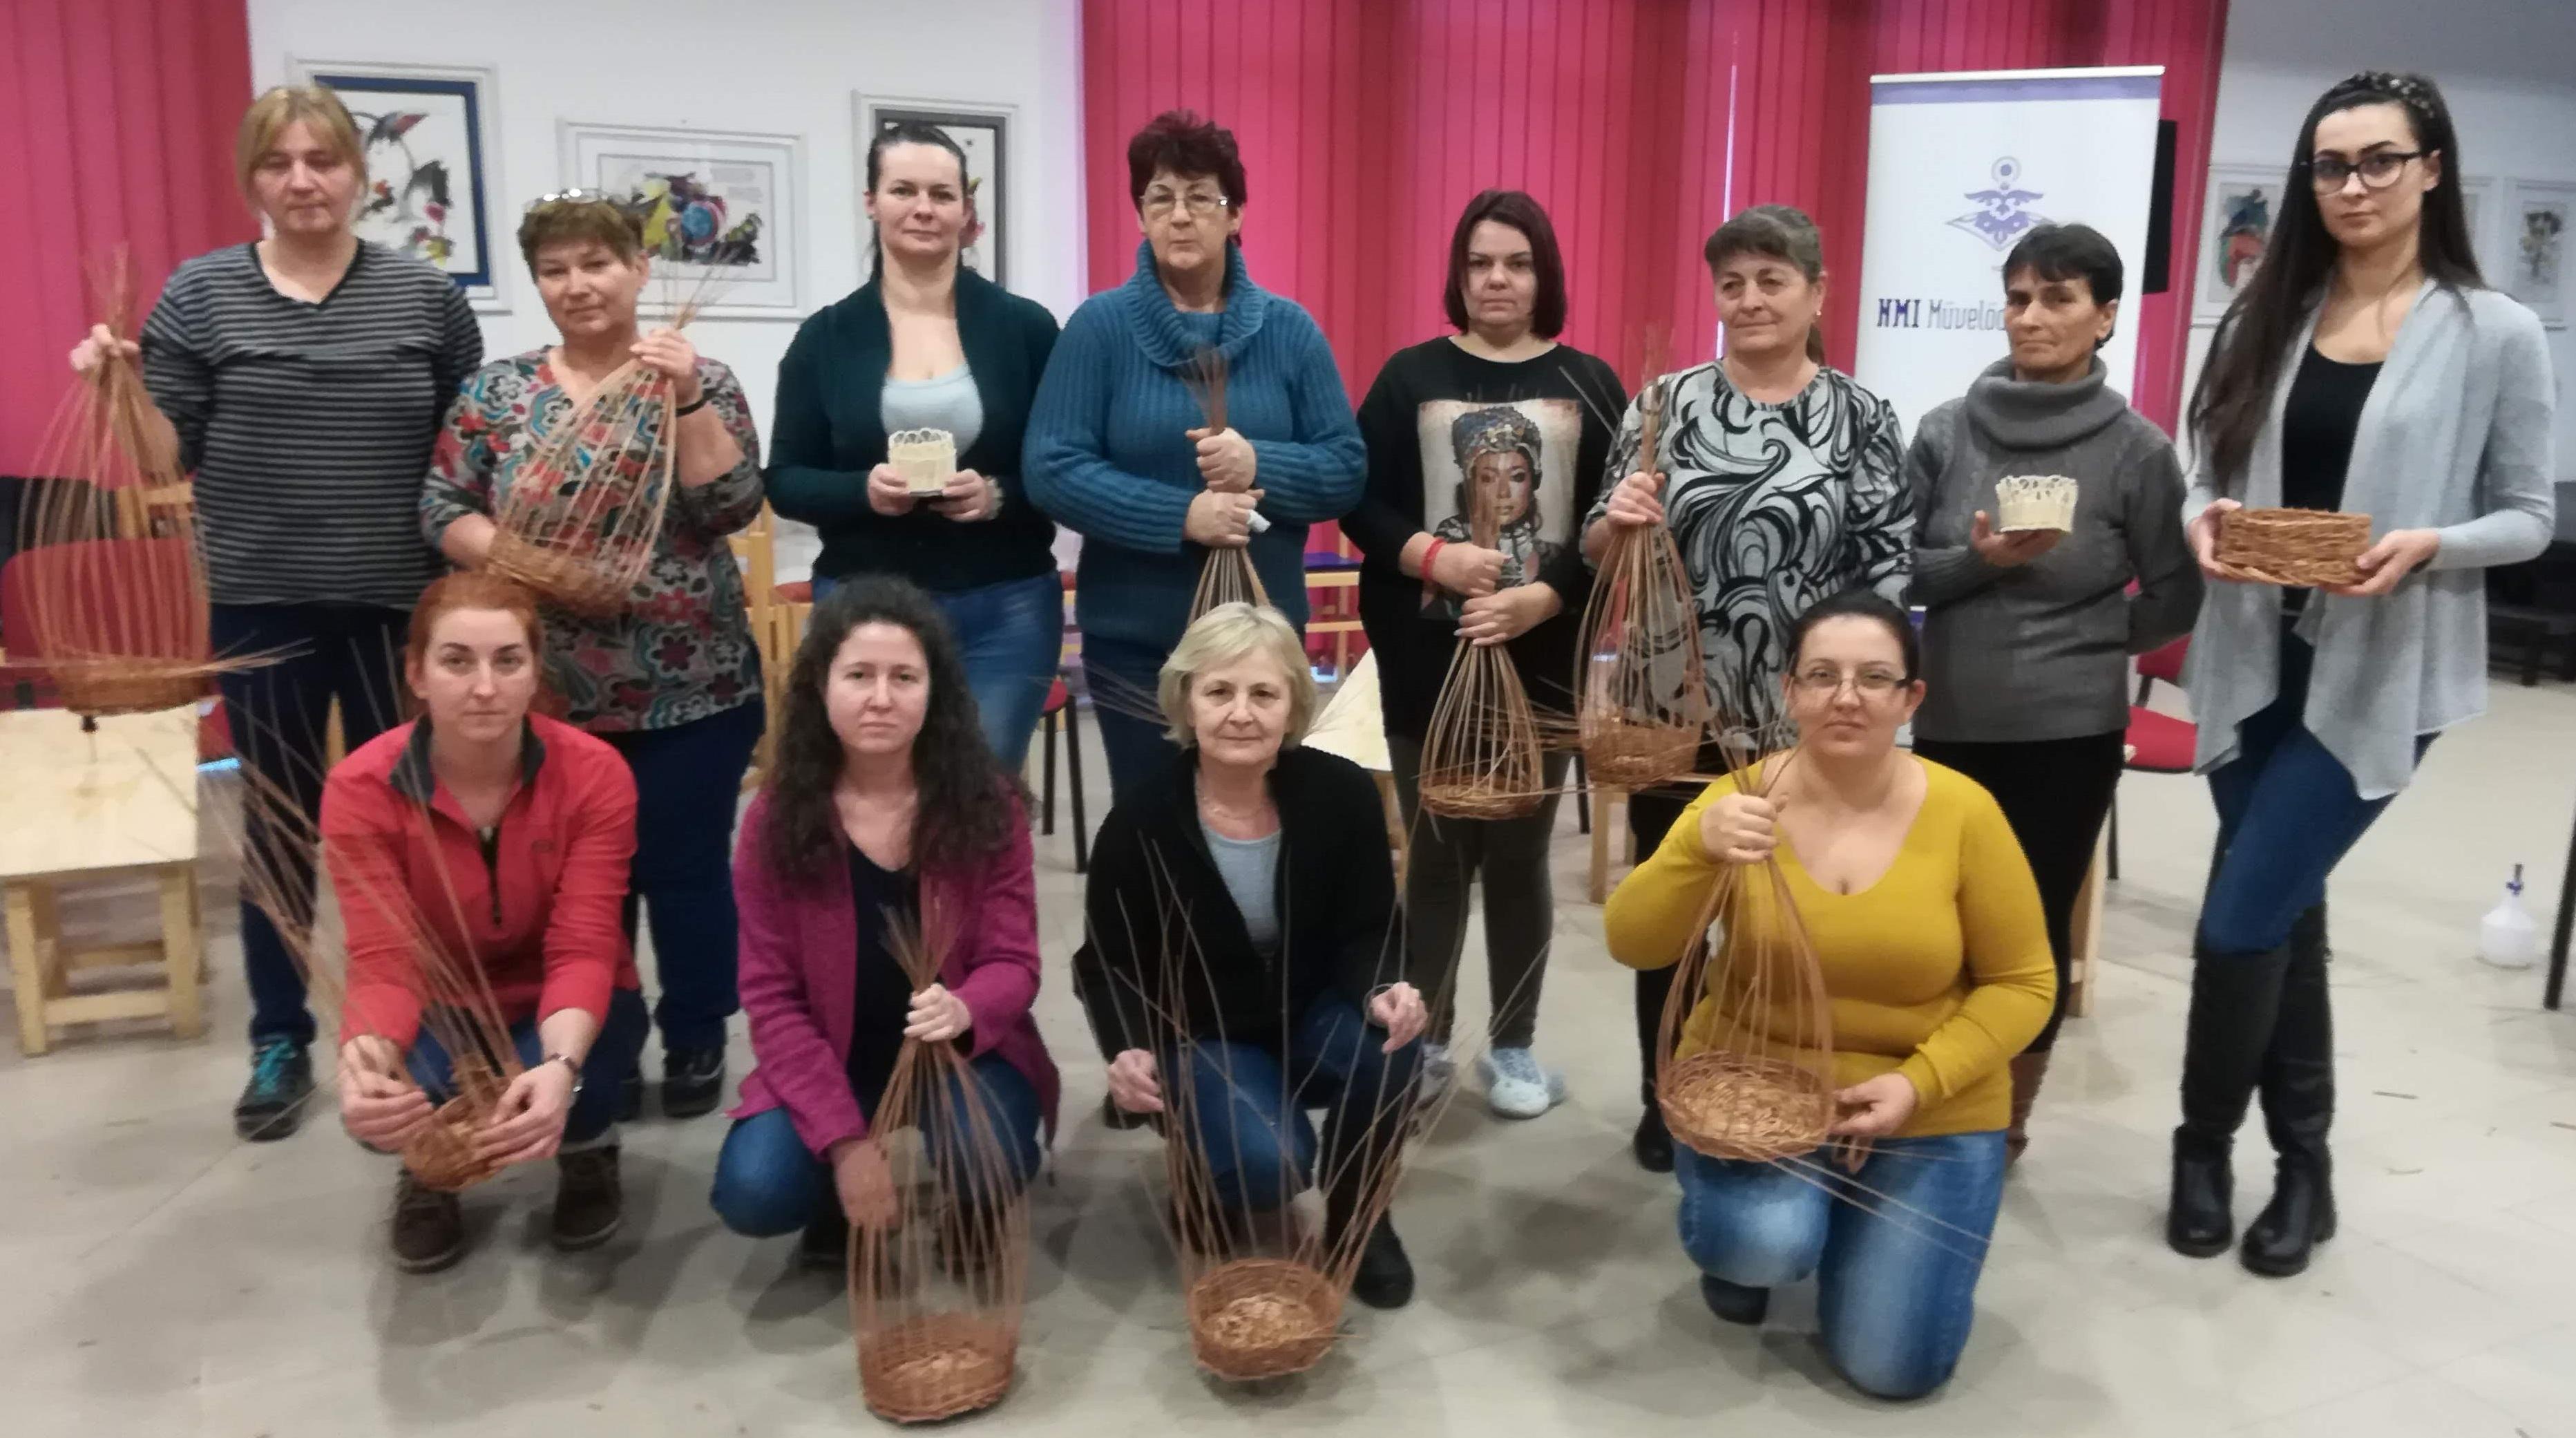 Kosárfonással zárult az Elfeledett szakmák, népi mesterségek visszatanítása Szabolcs-Szatmár-Bereg megyében